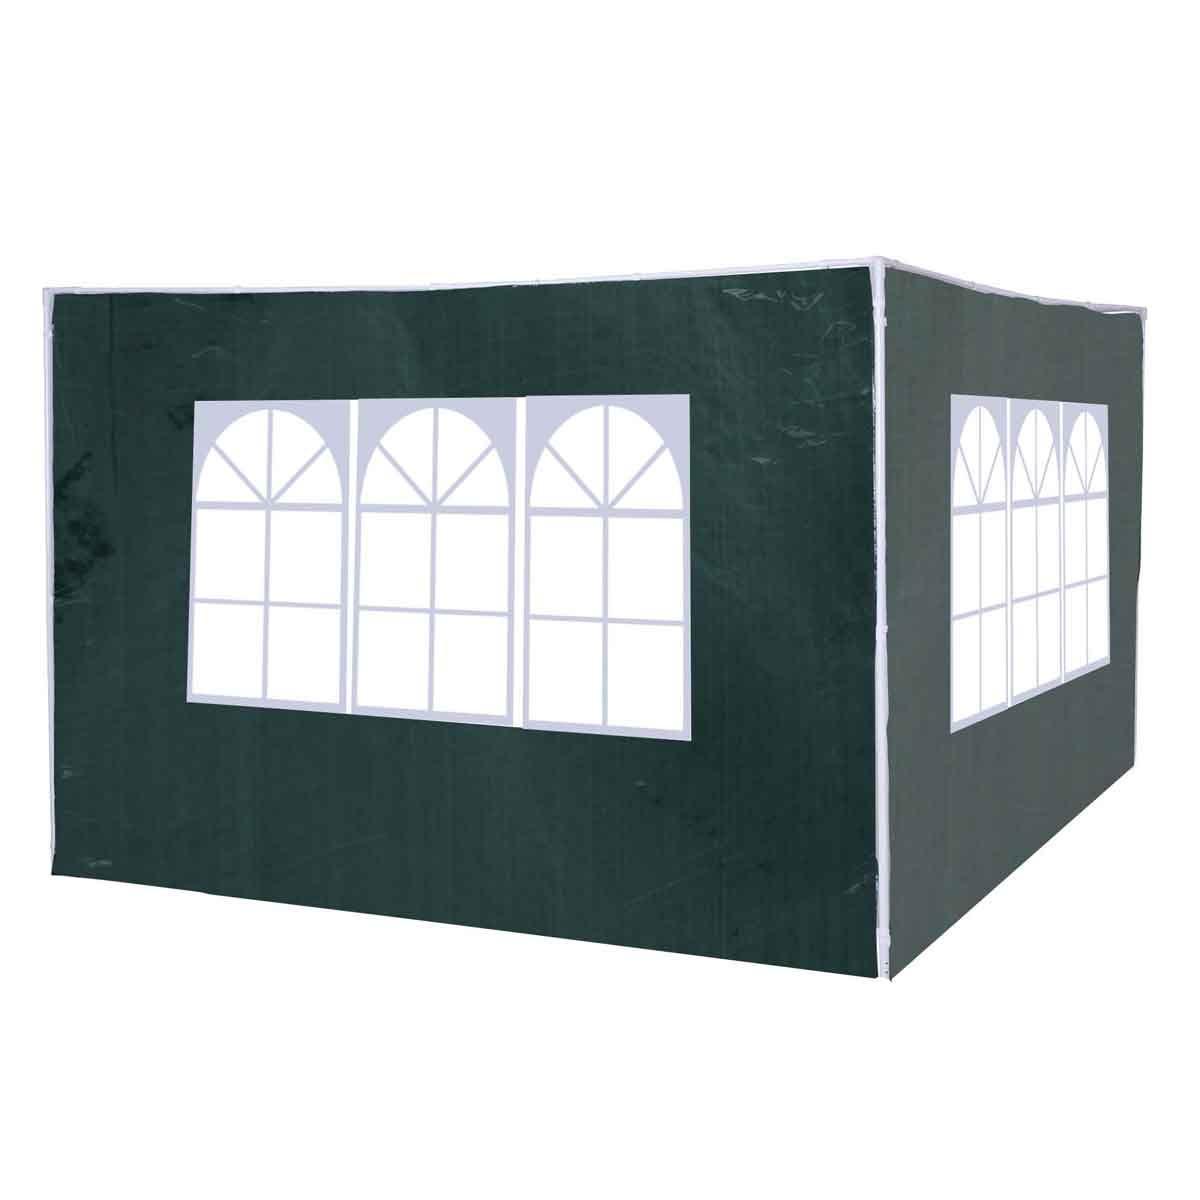 Outsunny 3m Gazebo 2pc Replacement Side Wall Set - Green